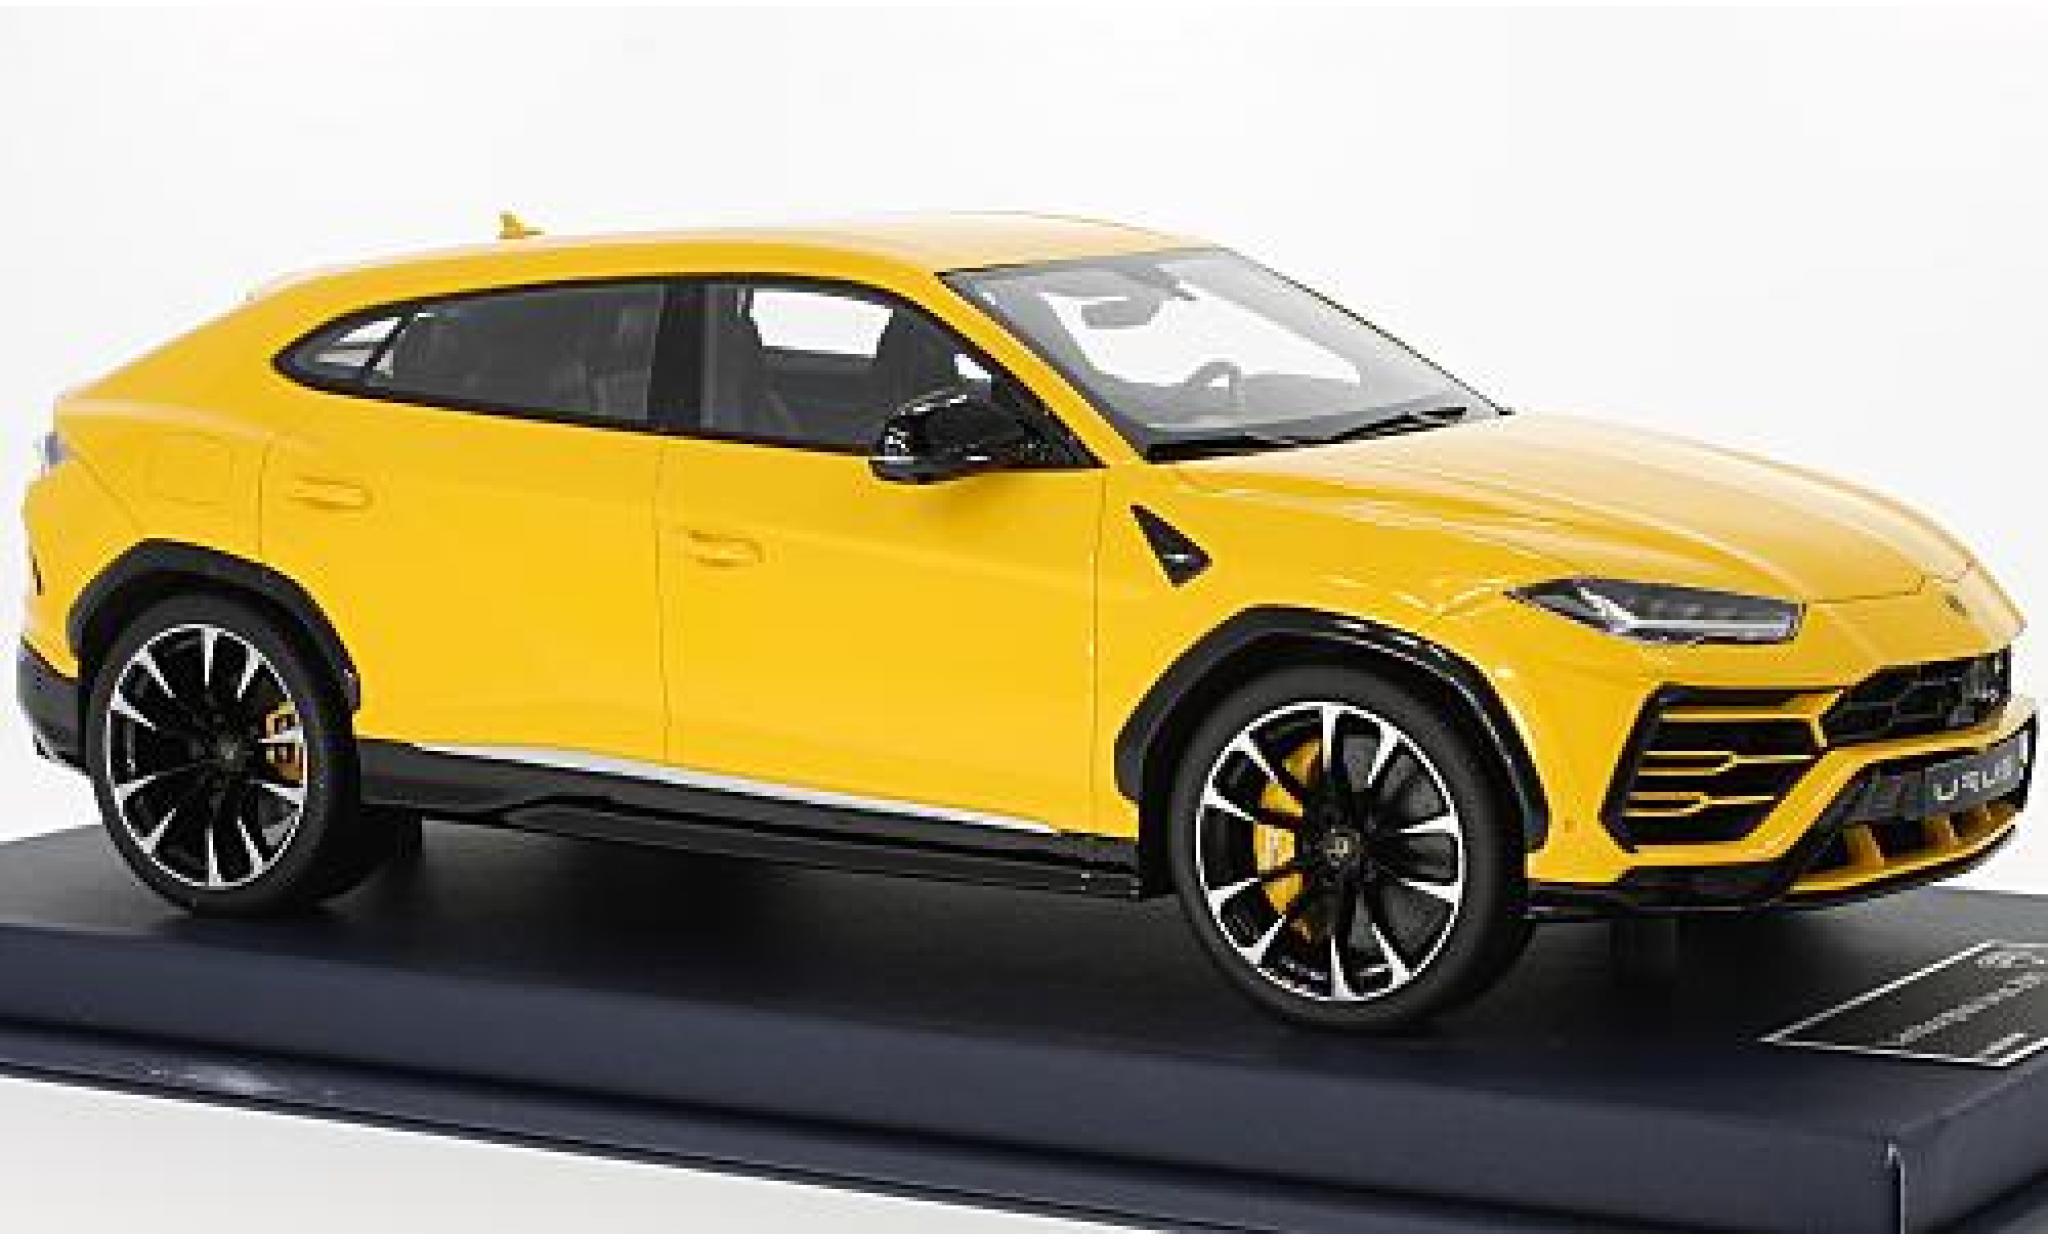 Lamborghini Urus 1/43 Look Smart yellow 2017